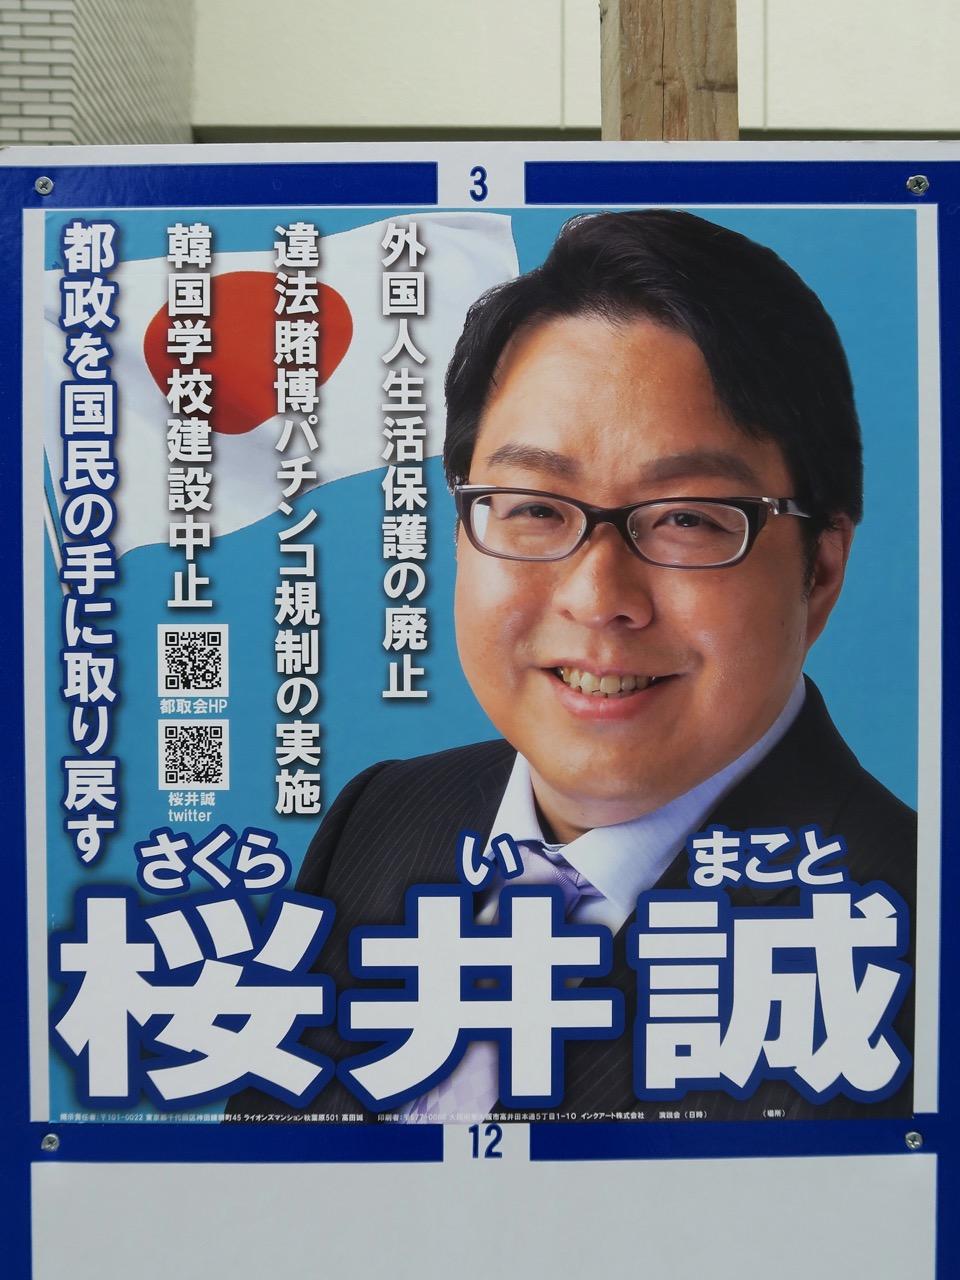 SakuraiMakotoTokyoChijisenposter2016